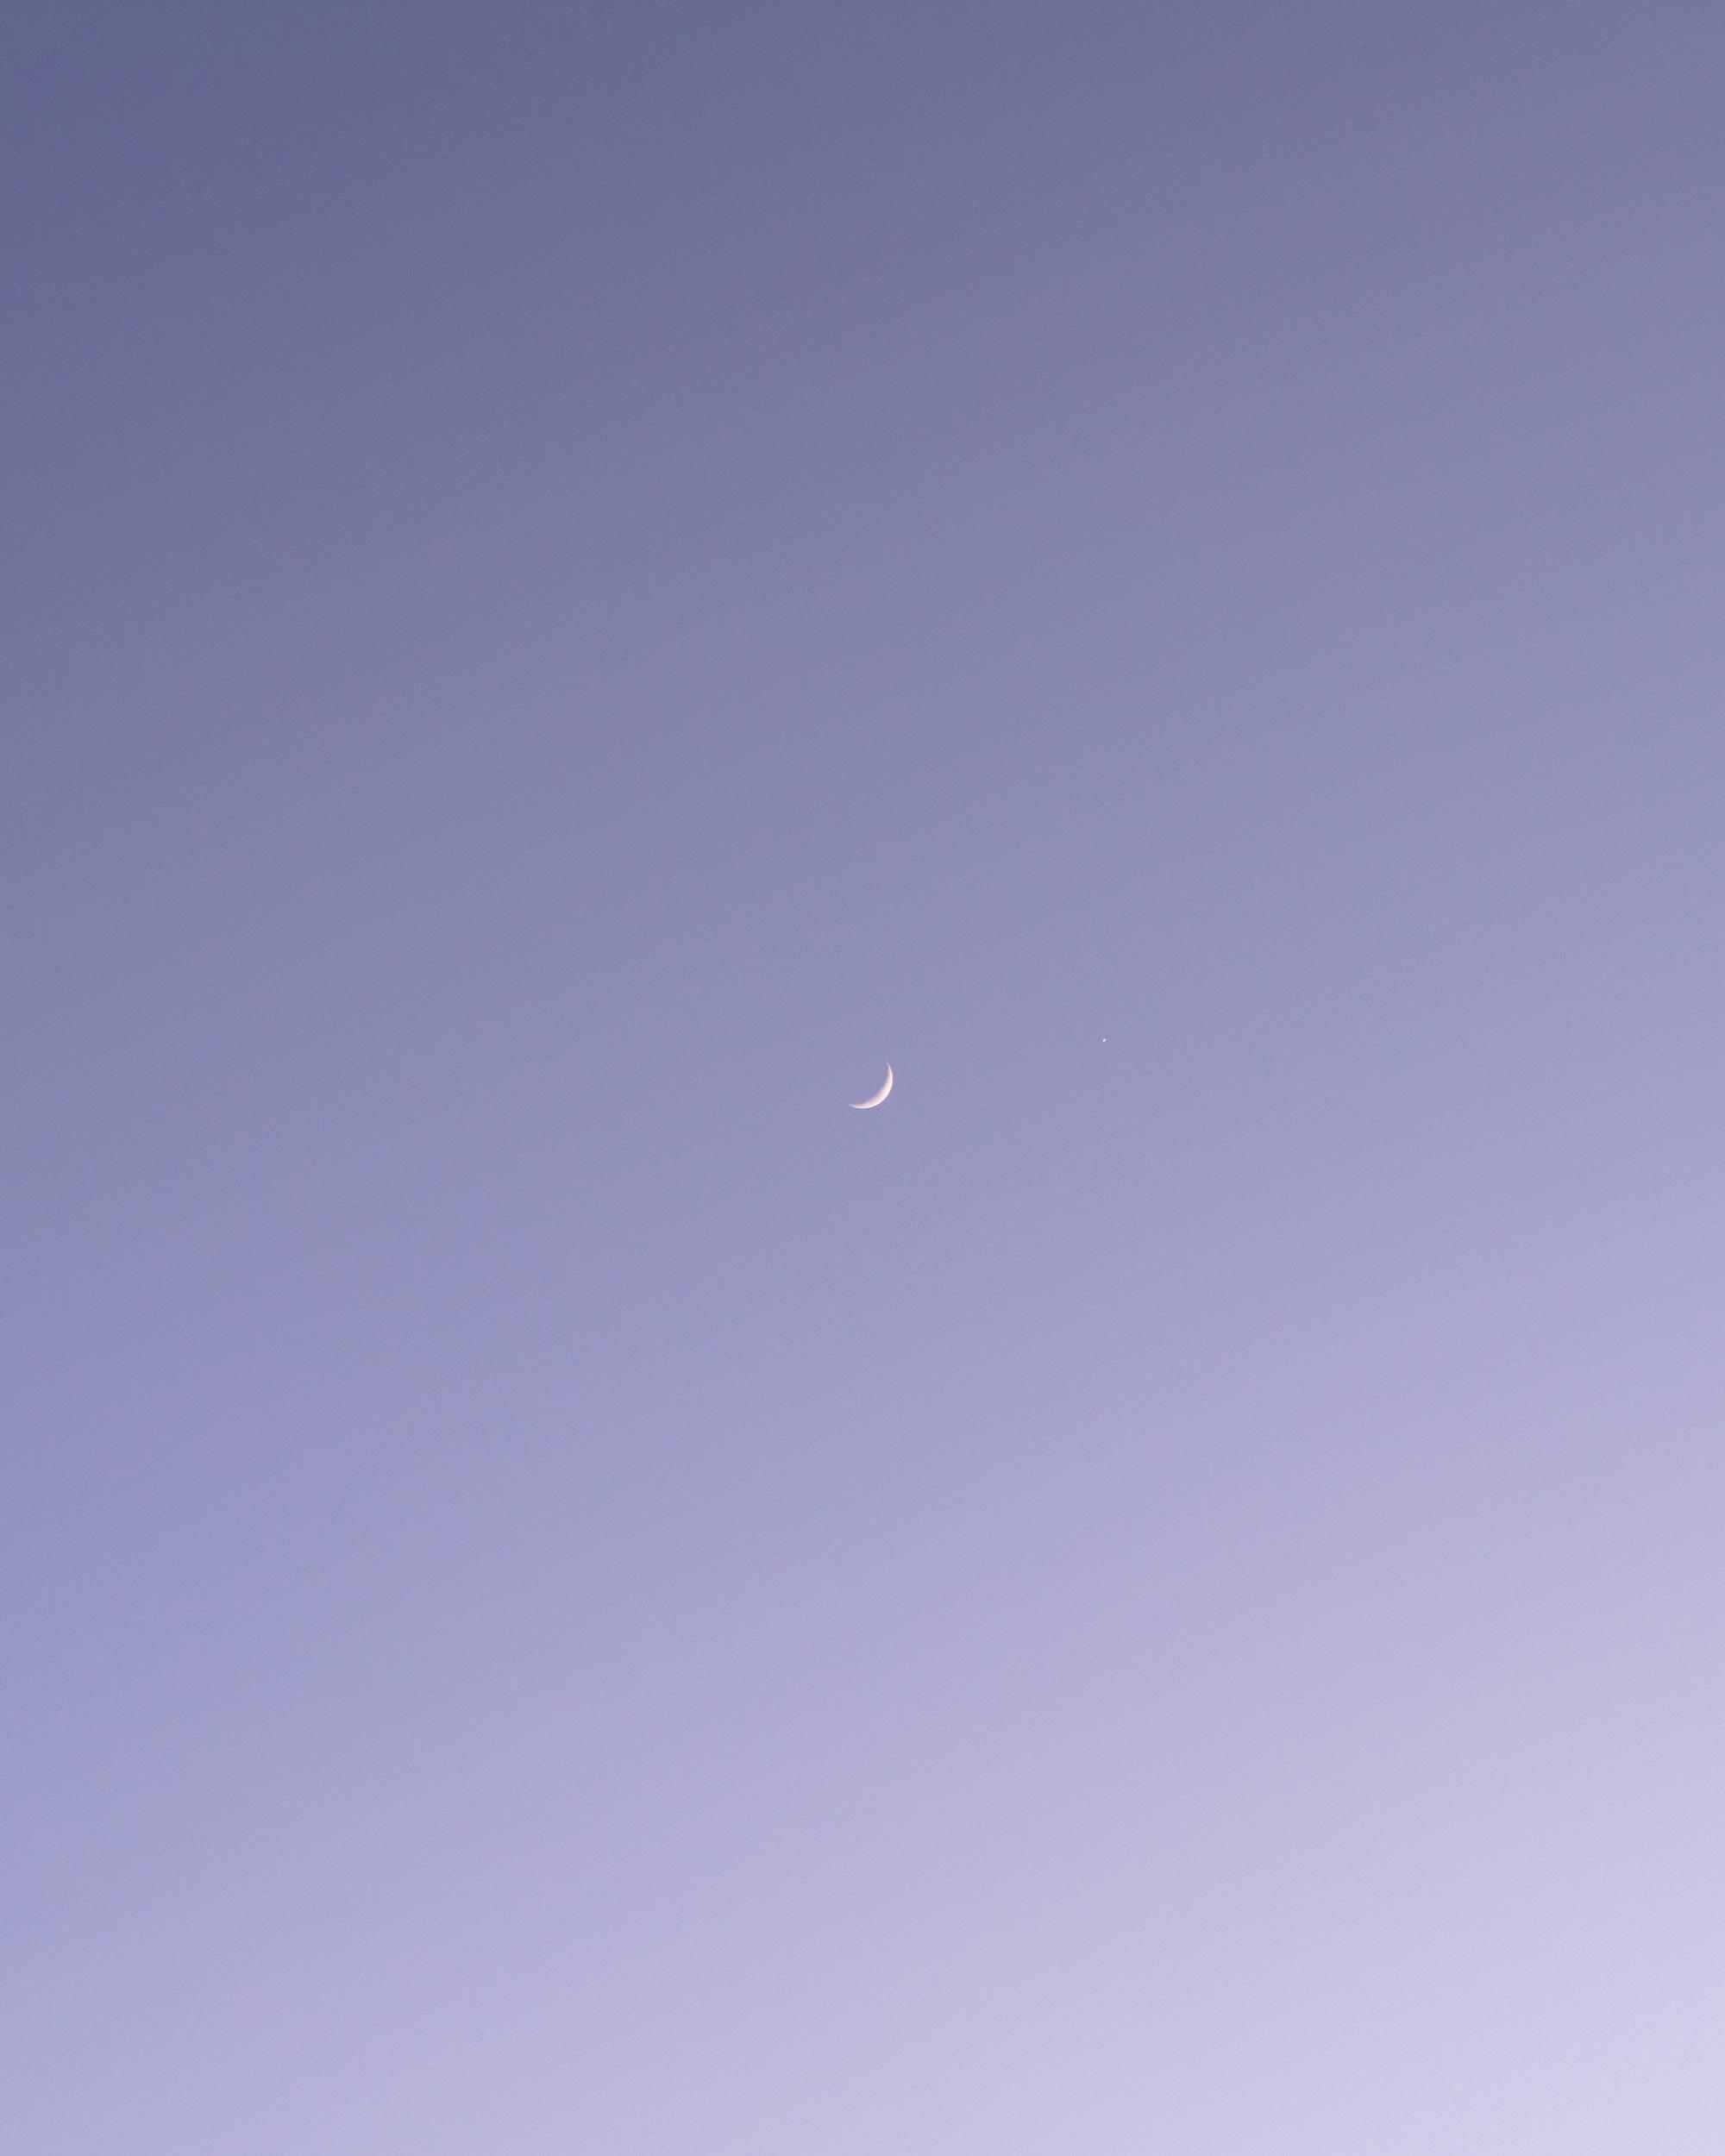 A crescent moon.